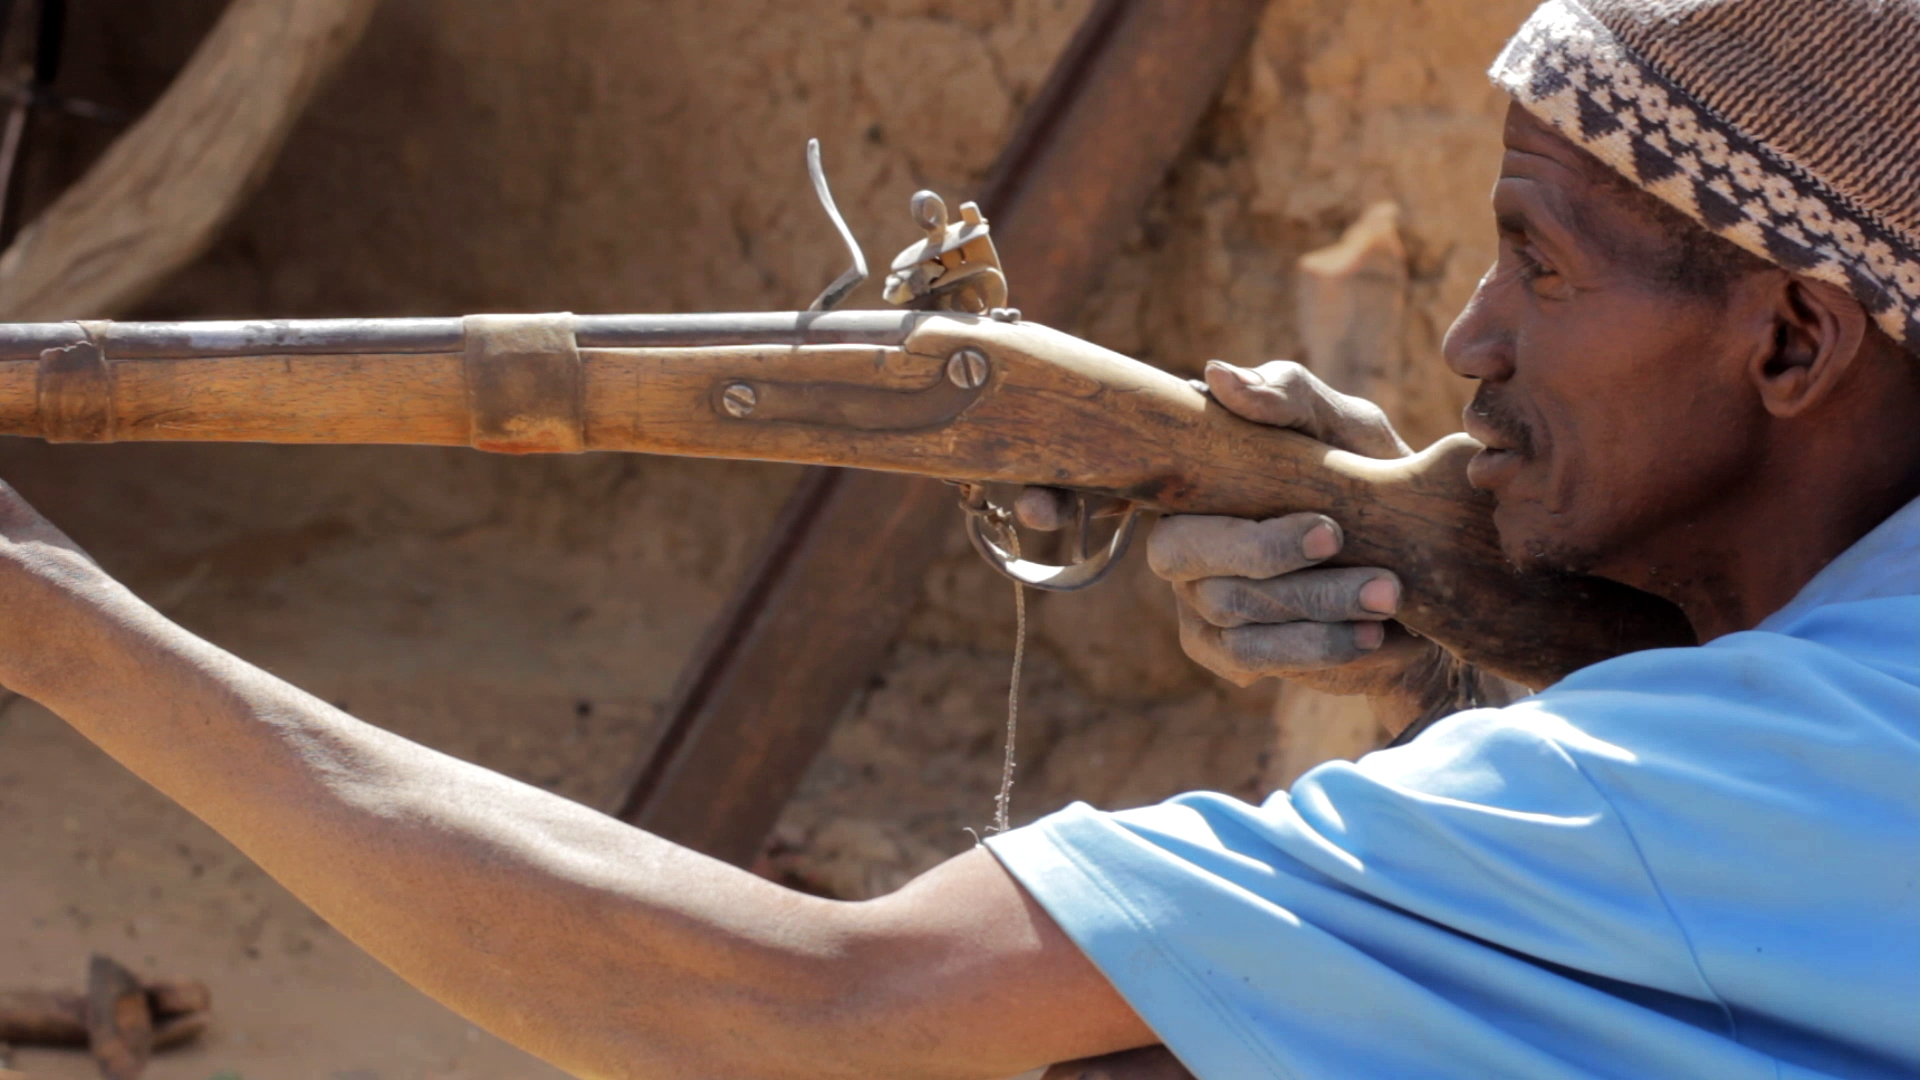 herrero cazador dogon pablocaminante - La década maliense